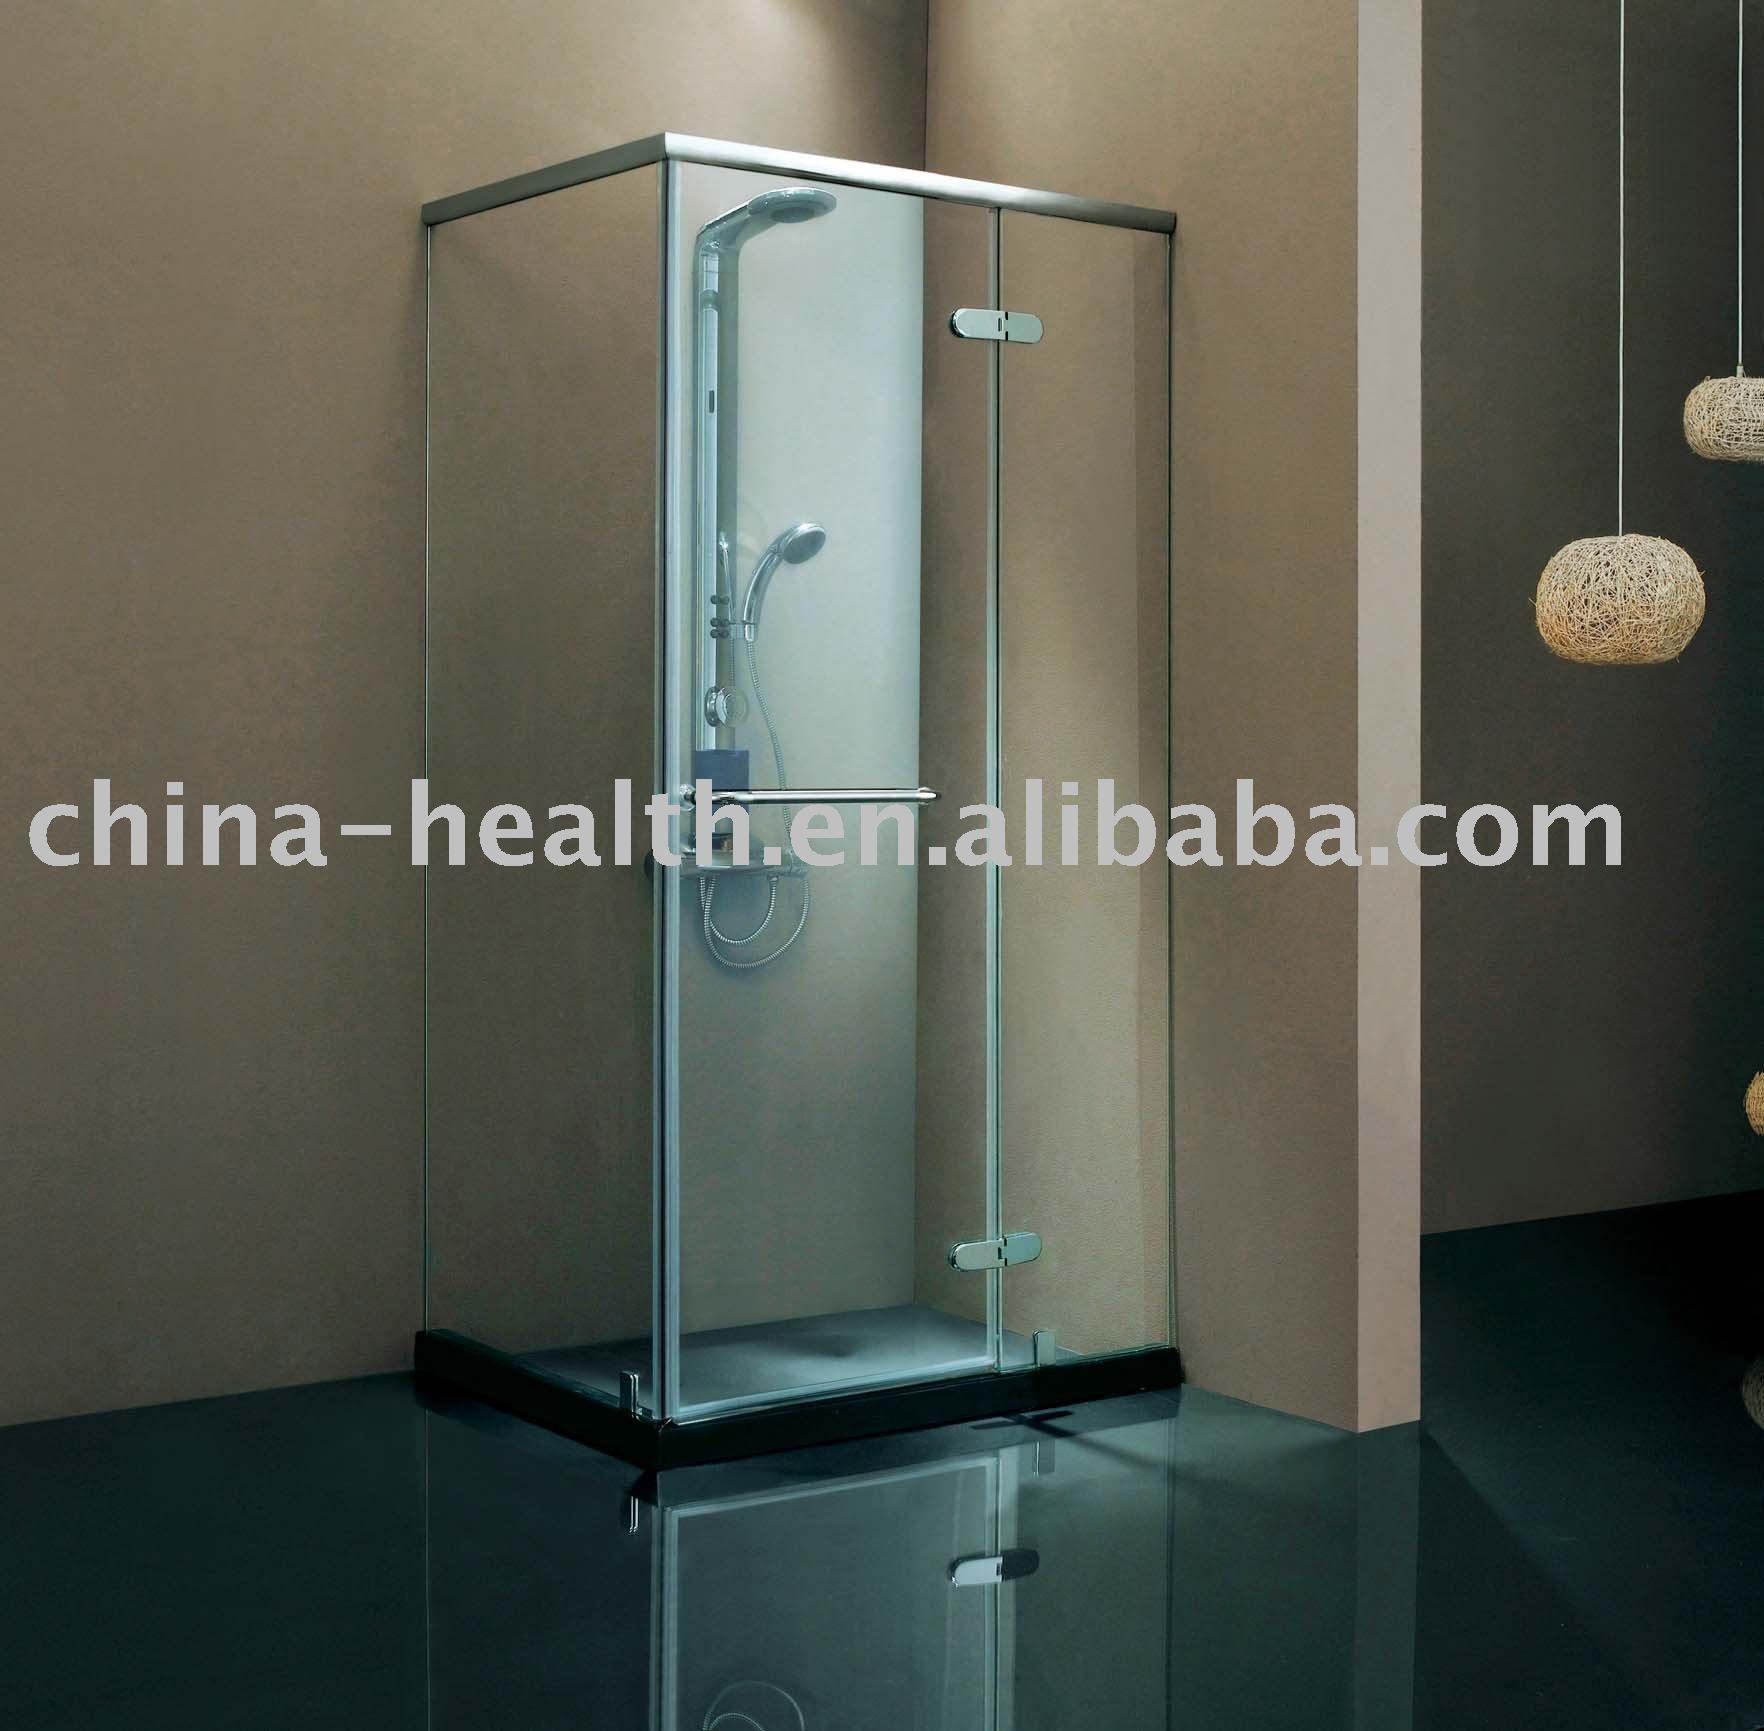 دش الحمام القسم كابينة الاستحمام والسعر